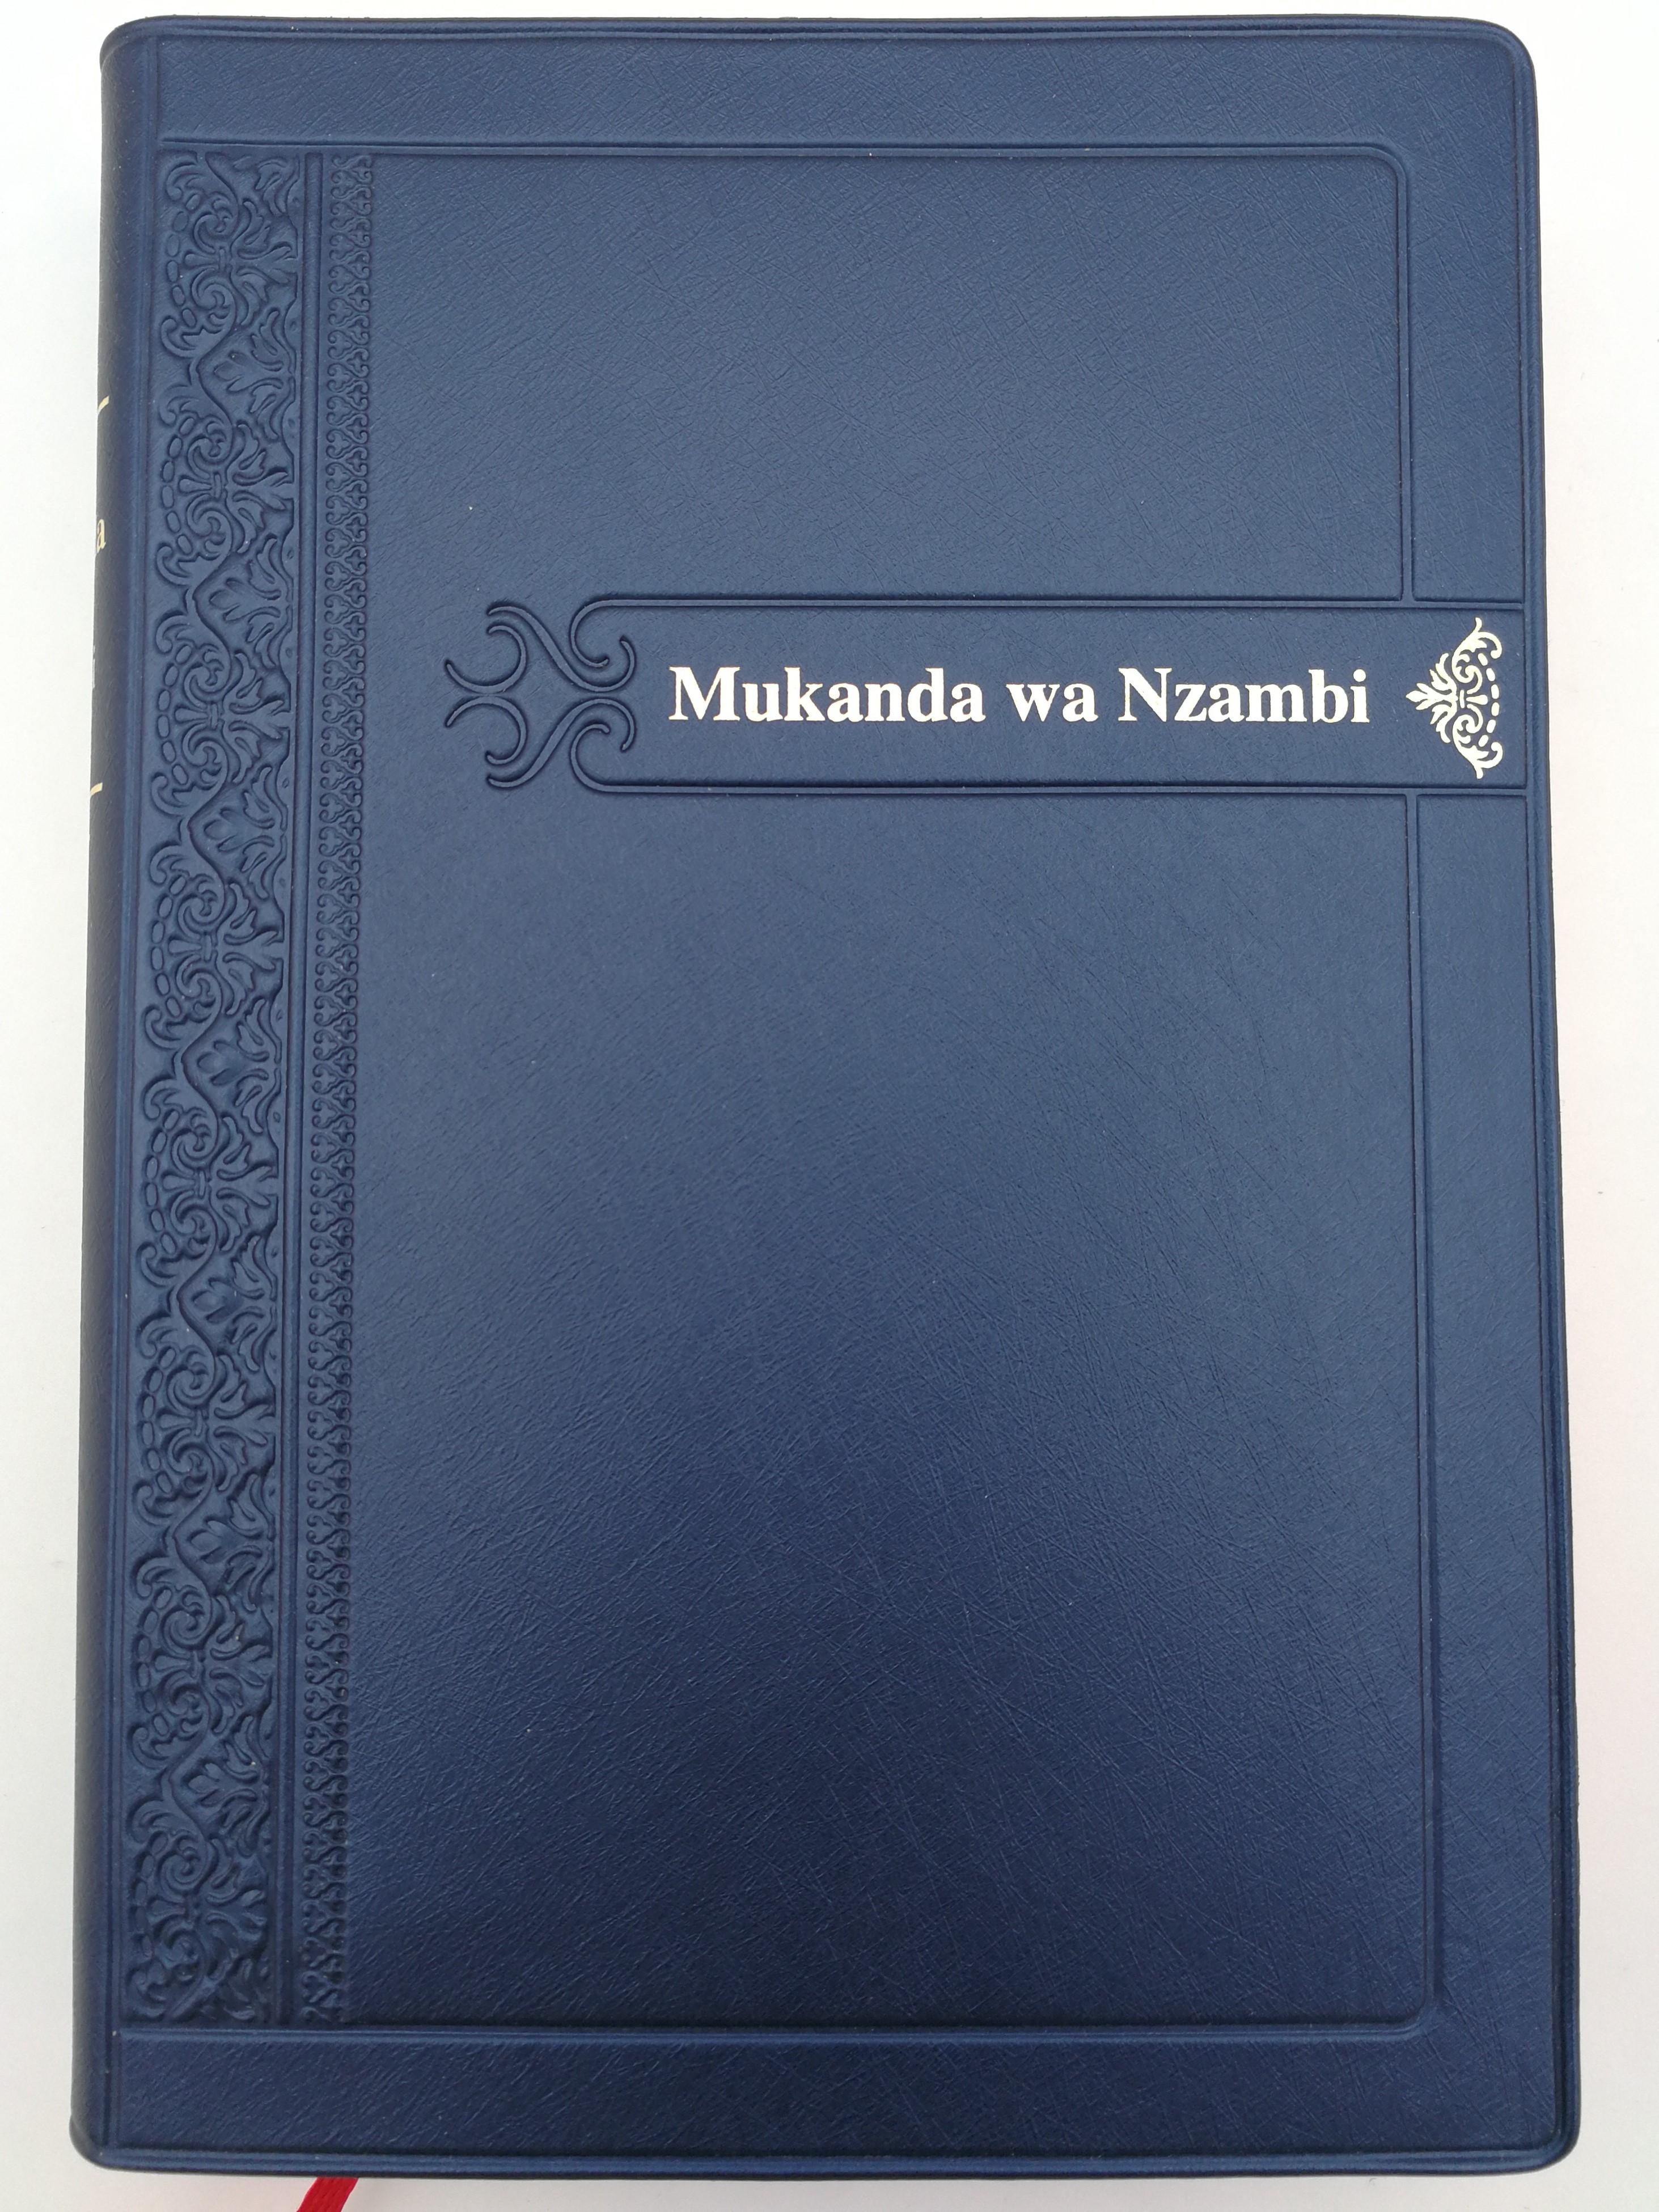 mukanda-wa-nzambi-tshiluba-language-holy-bible-1.jpg